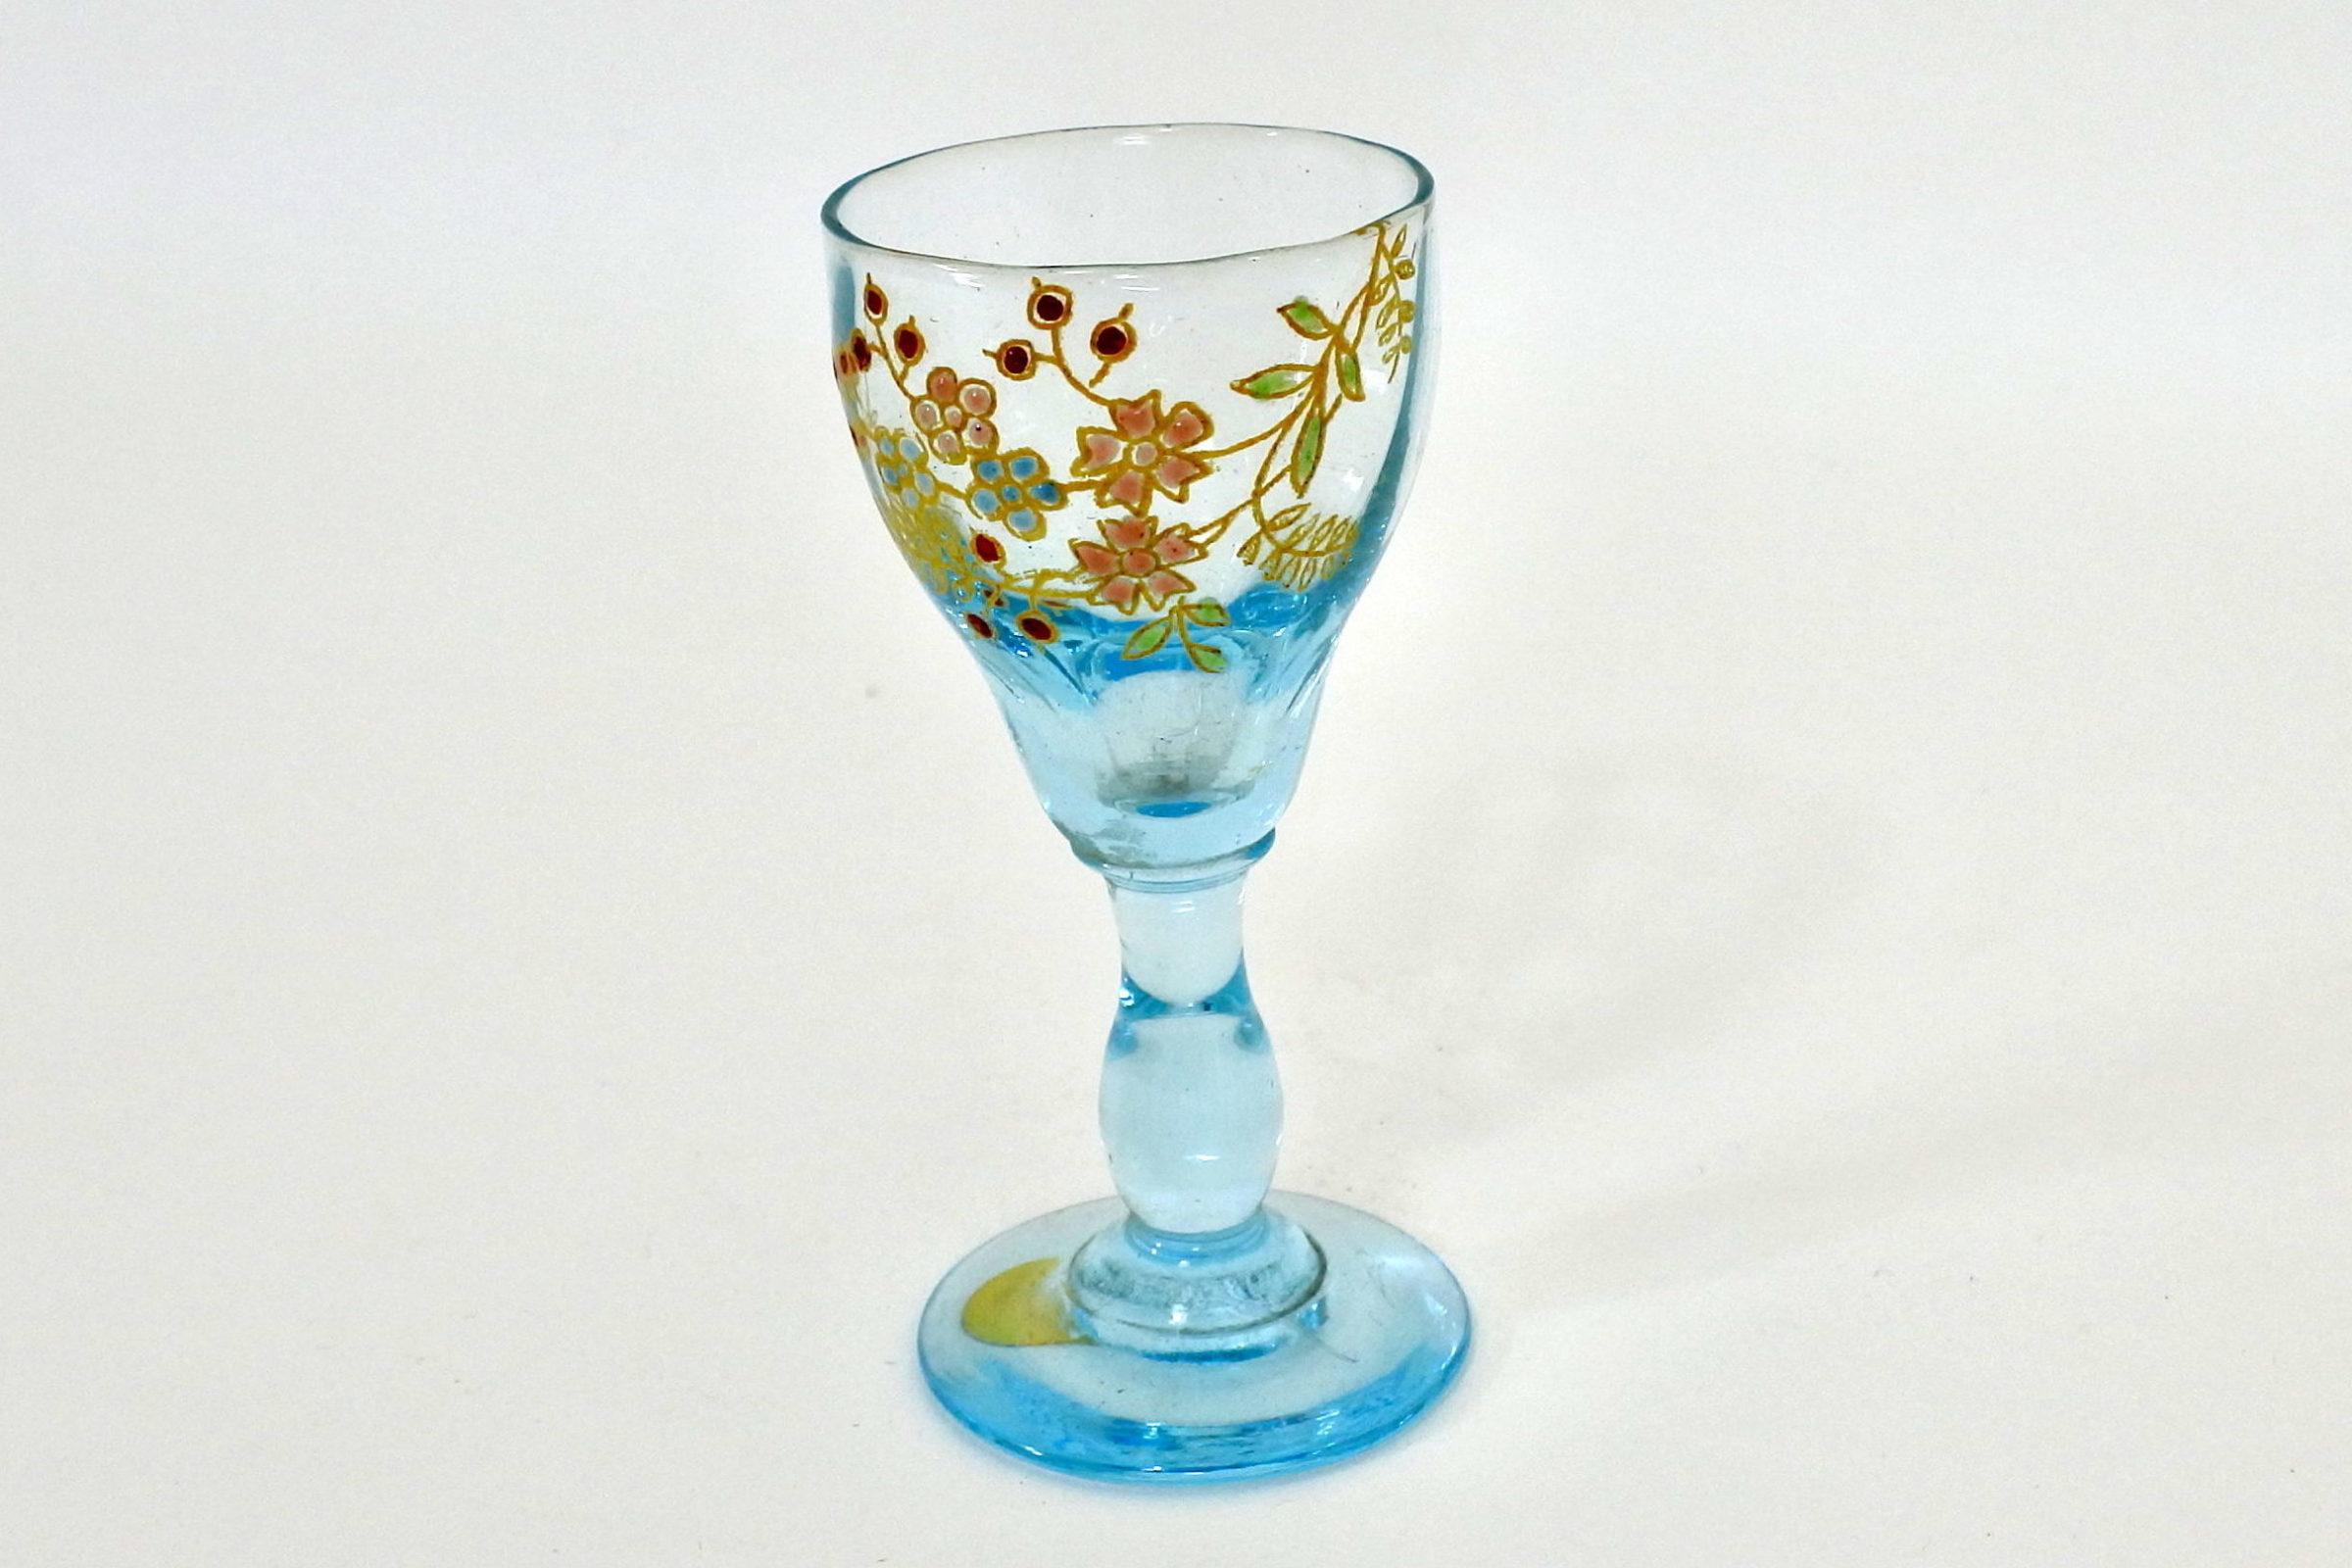 Bicchierino Legras a calice in vetro soffiato azzurro e smalti - 2